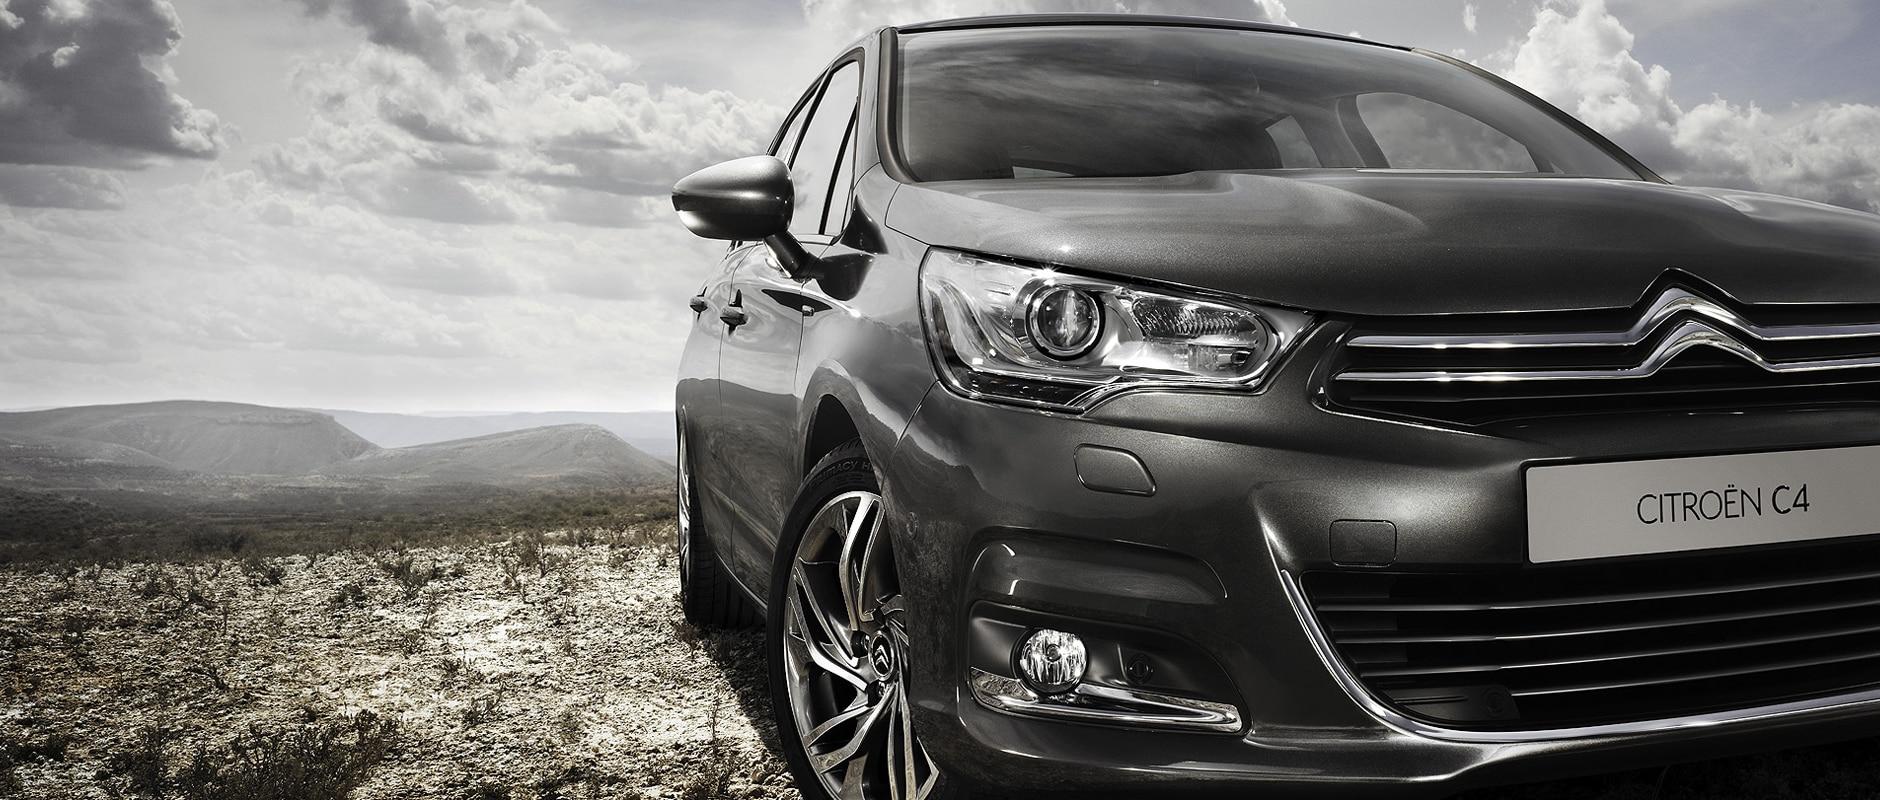 Citroën C4 - détails - Environnement